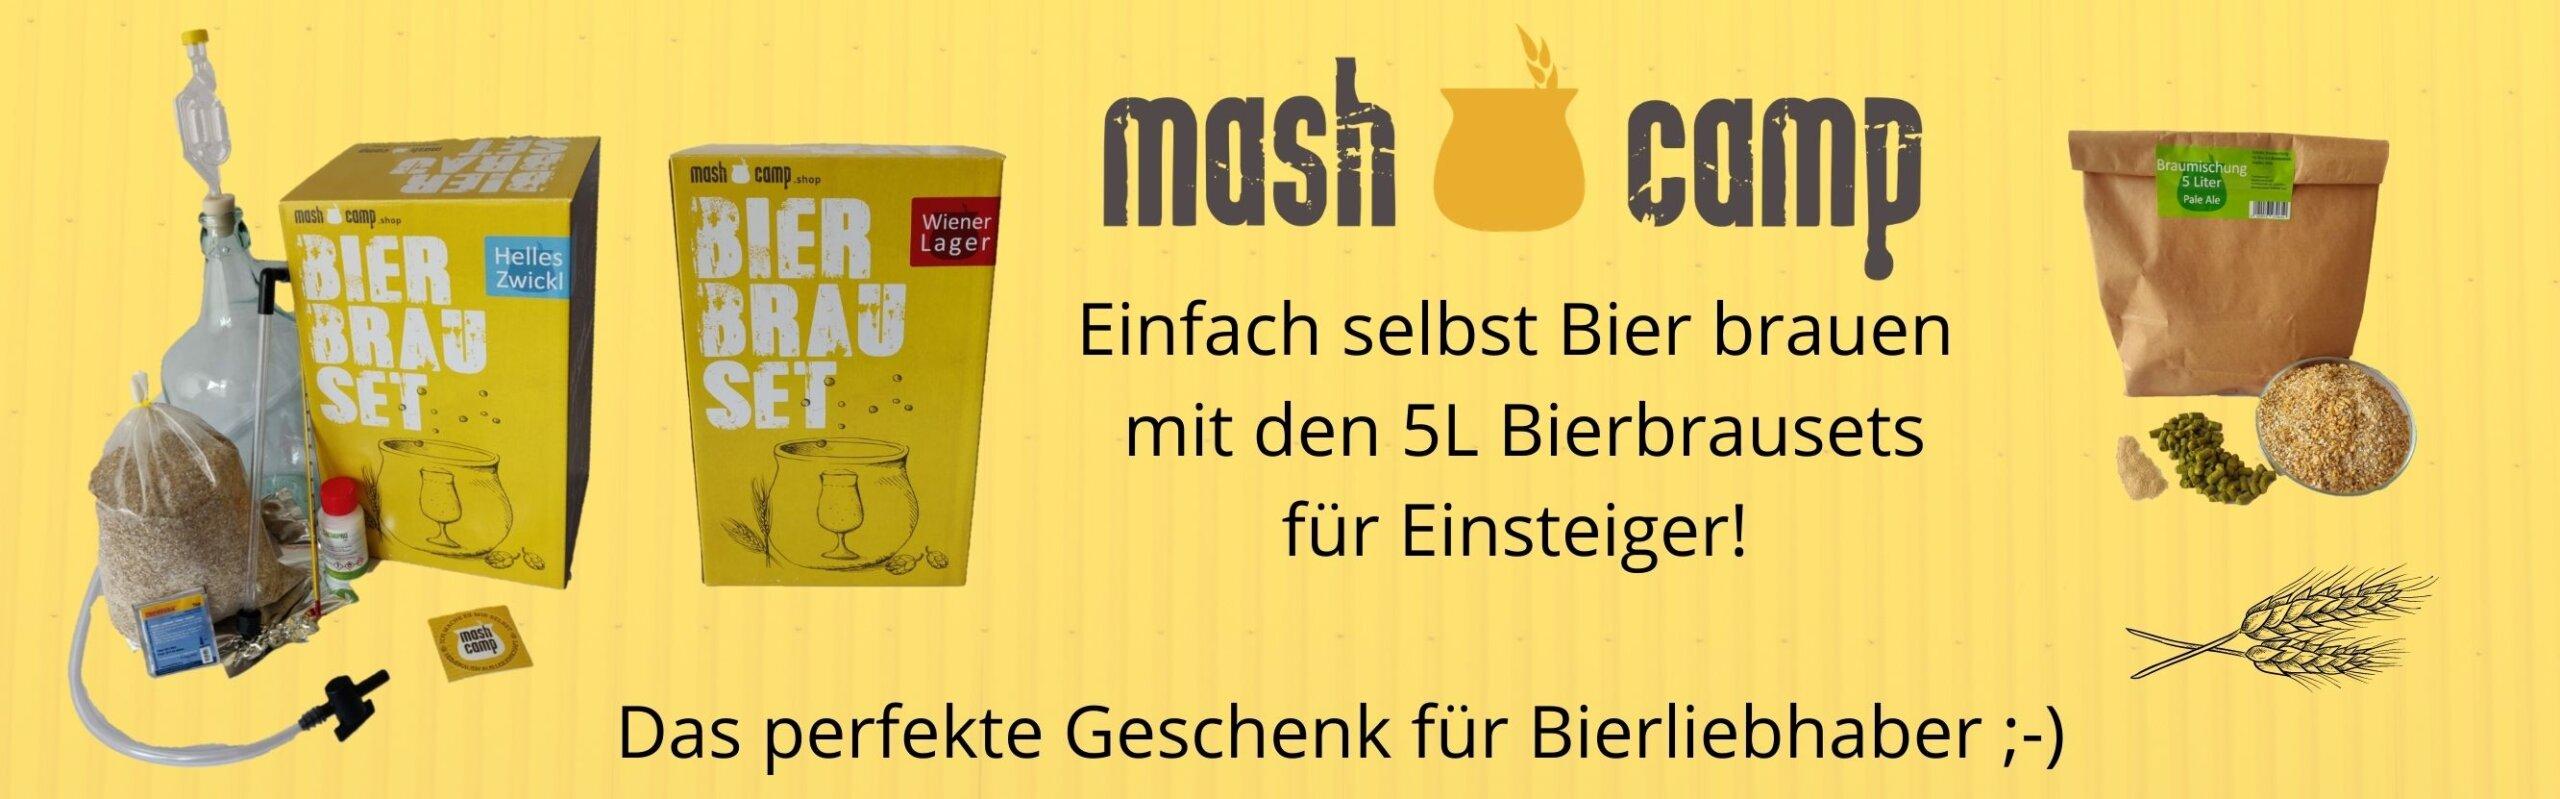 MashCamp Bierbrauset